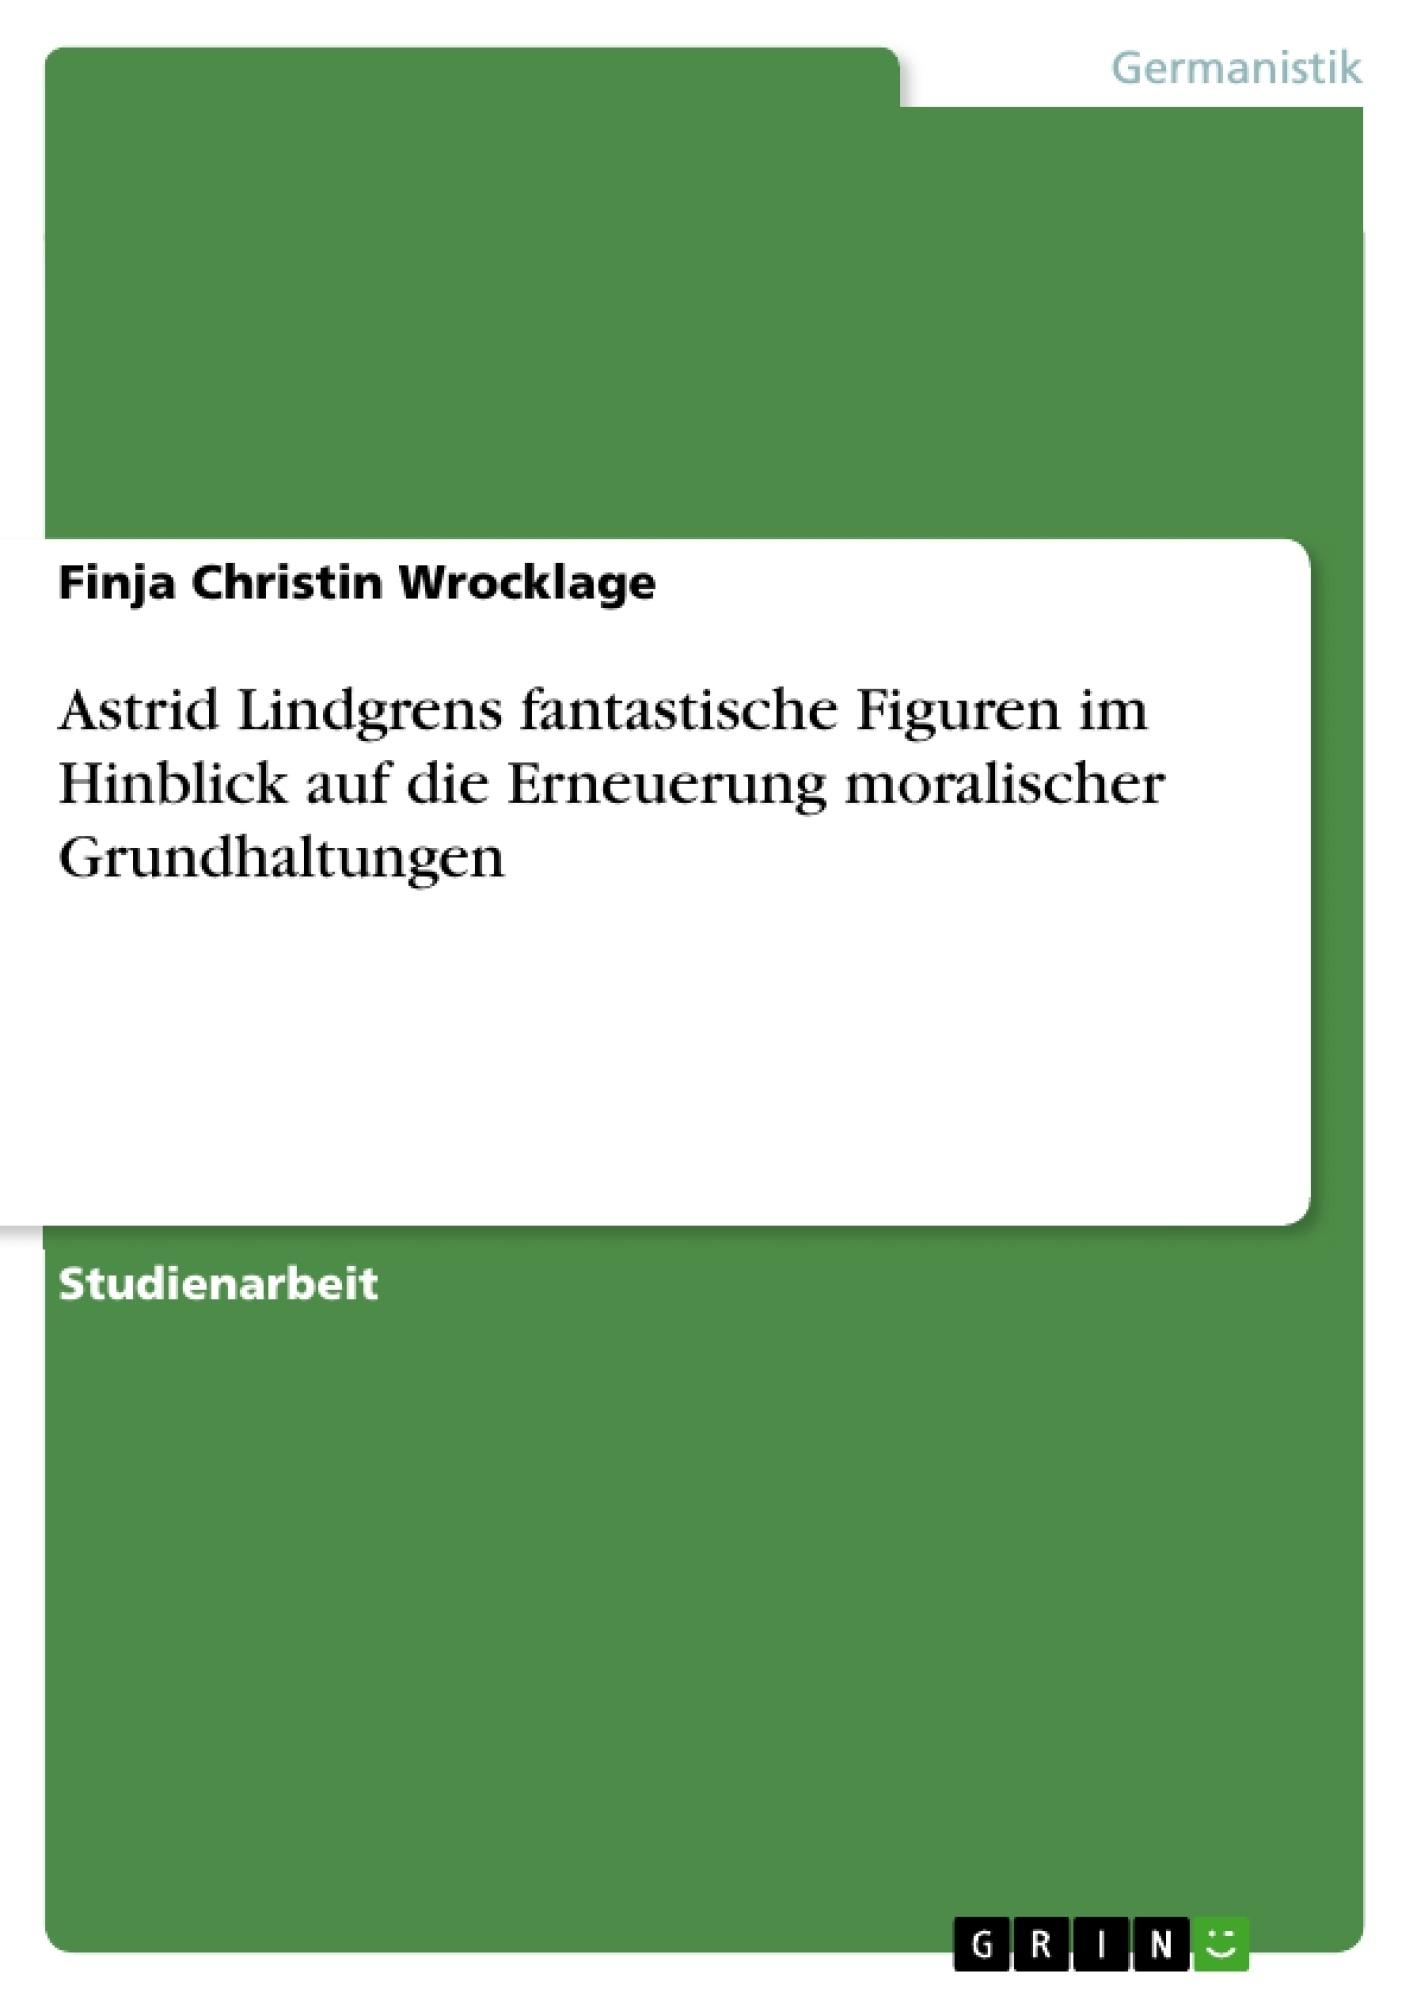 Titel: Astrid Lindgrens fantastische Figuren im Hinblick auf die Erneuerung  moralischer Grundhaltungen